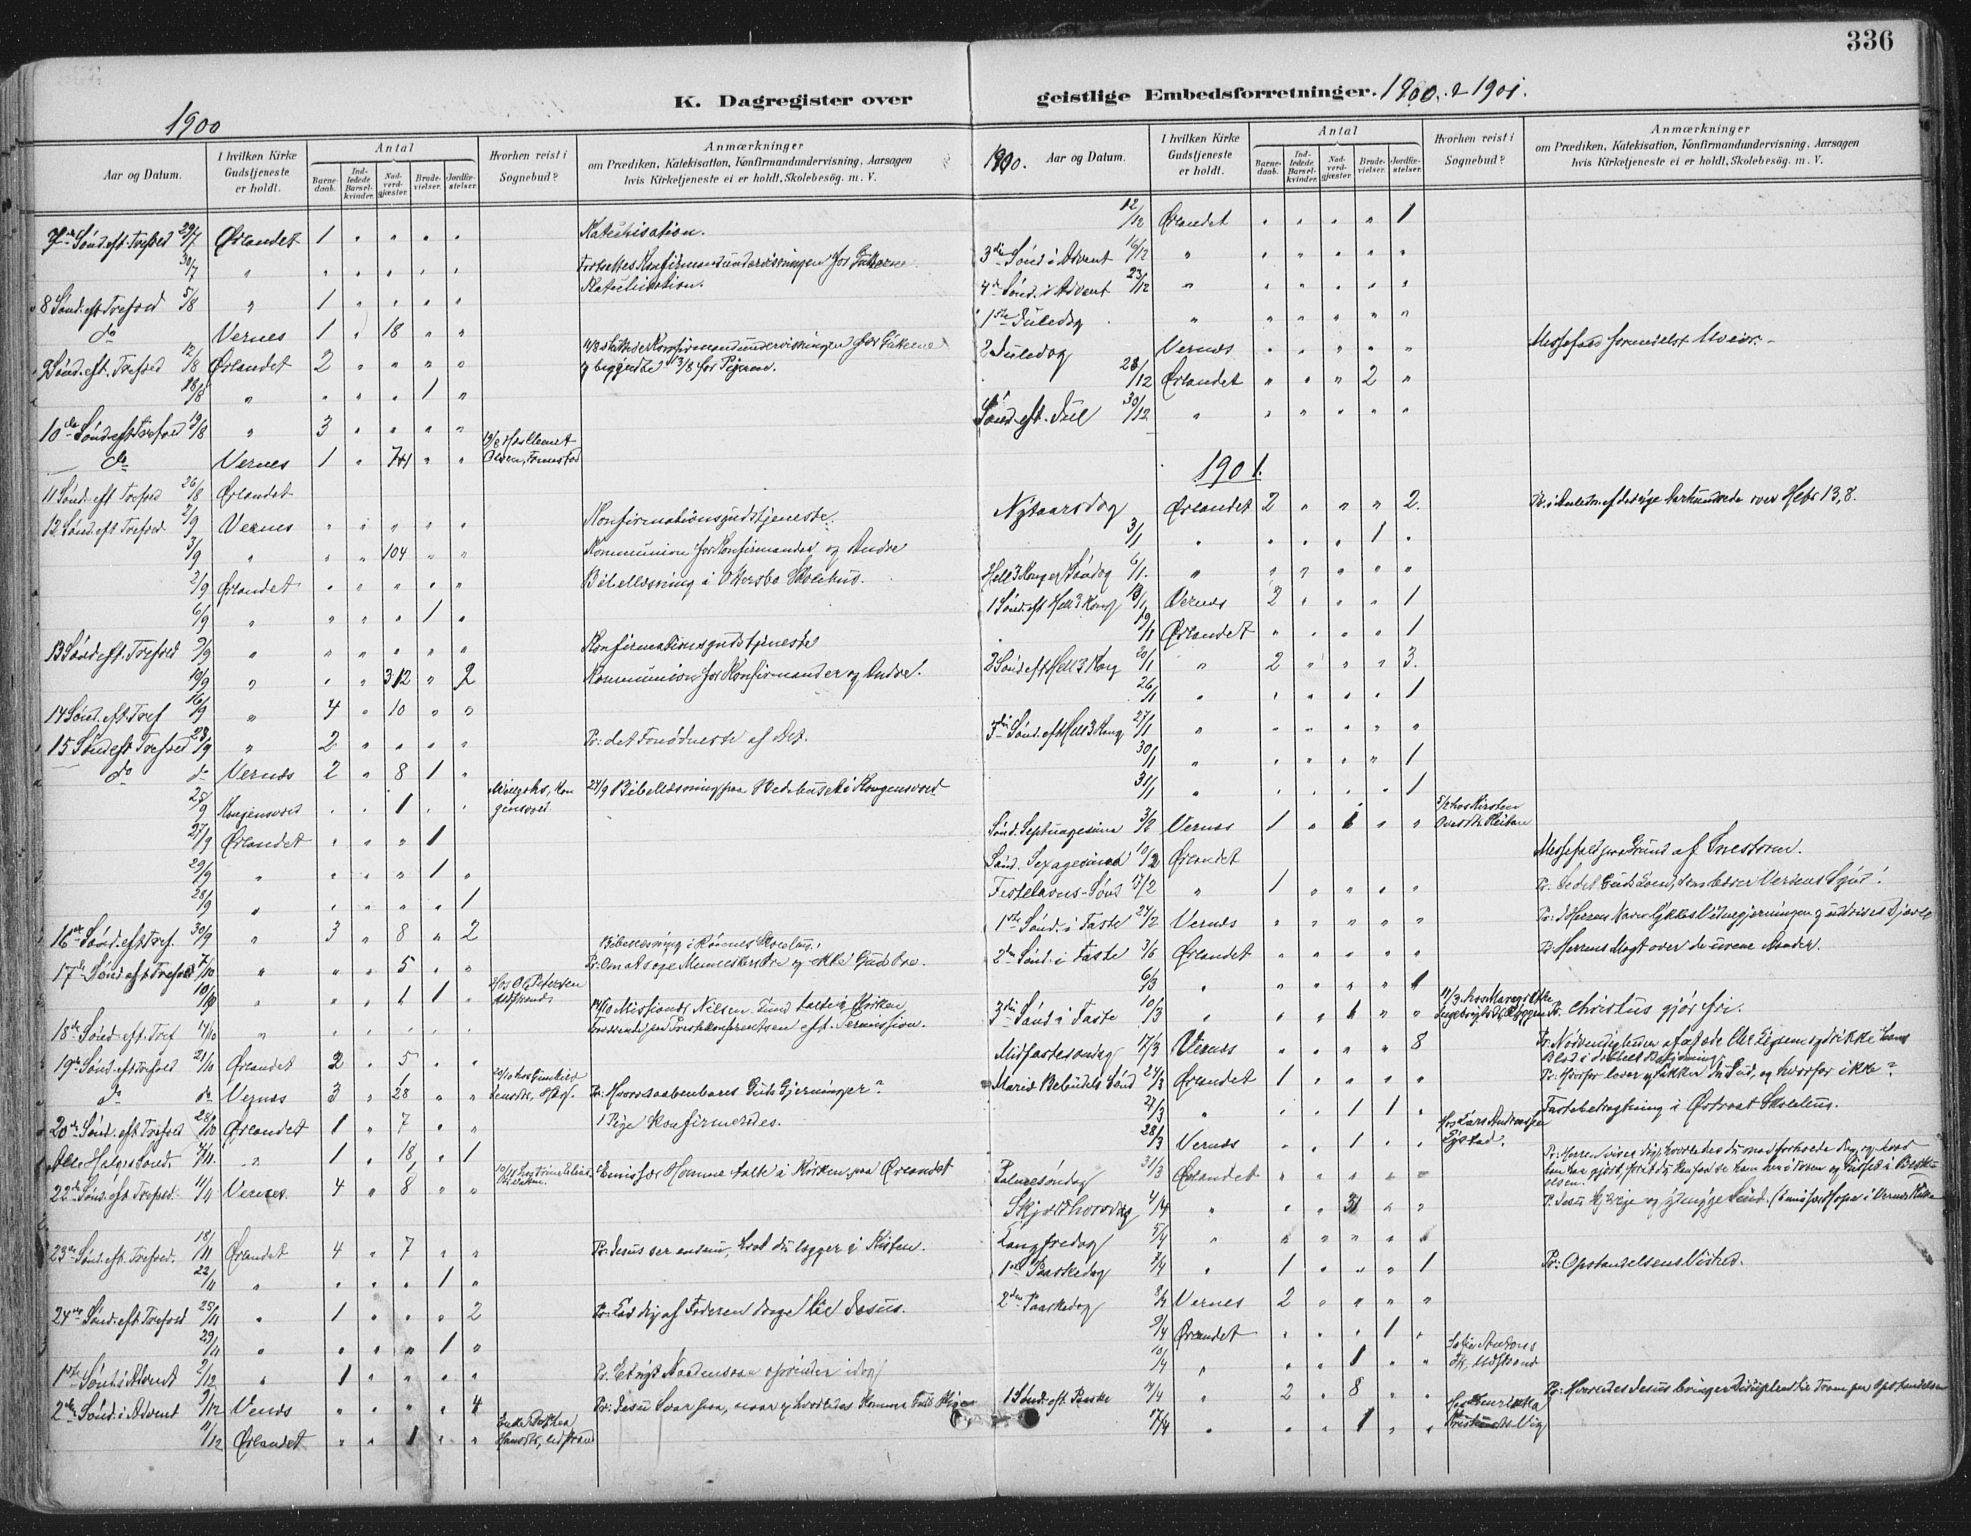 SAT, Ministerialprotokoller, klokkerbøker og fødselsregistre - Sør-Trøndelag, 659/L0743: Ministerialbok nr. 659A13, 1893-1910, s. 336